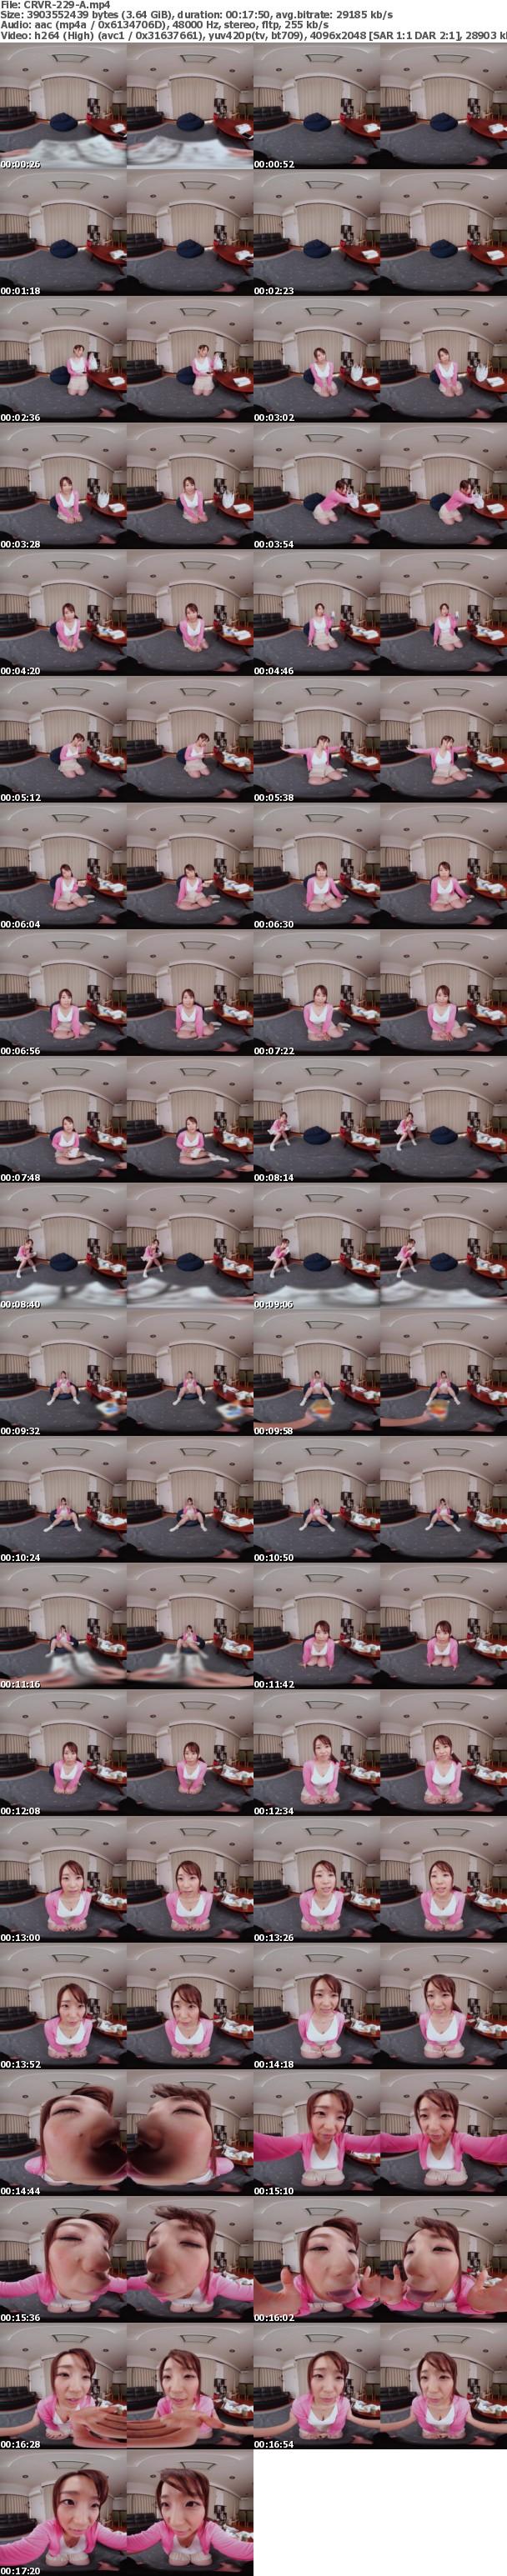 (VR) CRVR-229 「今から遊びに行ってもいい?」数年ぶりに再会した君とたくさん過ごした僕の部屋で初めてのSEX 八乃つばさ